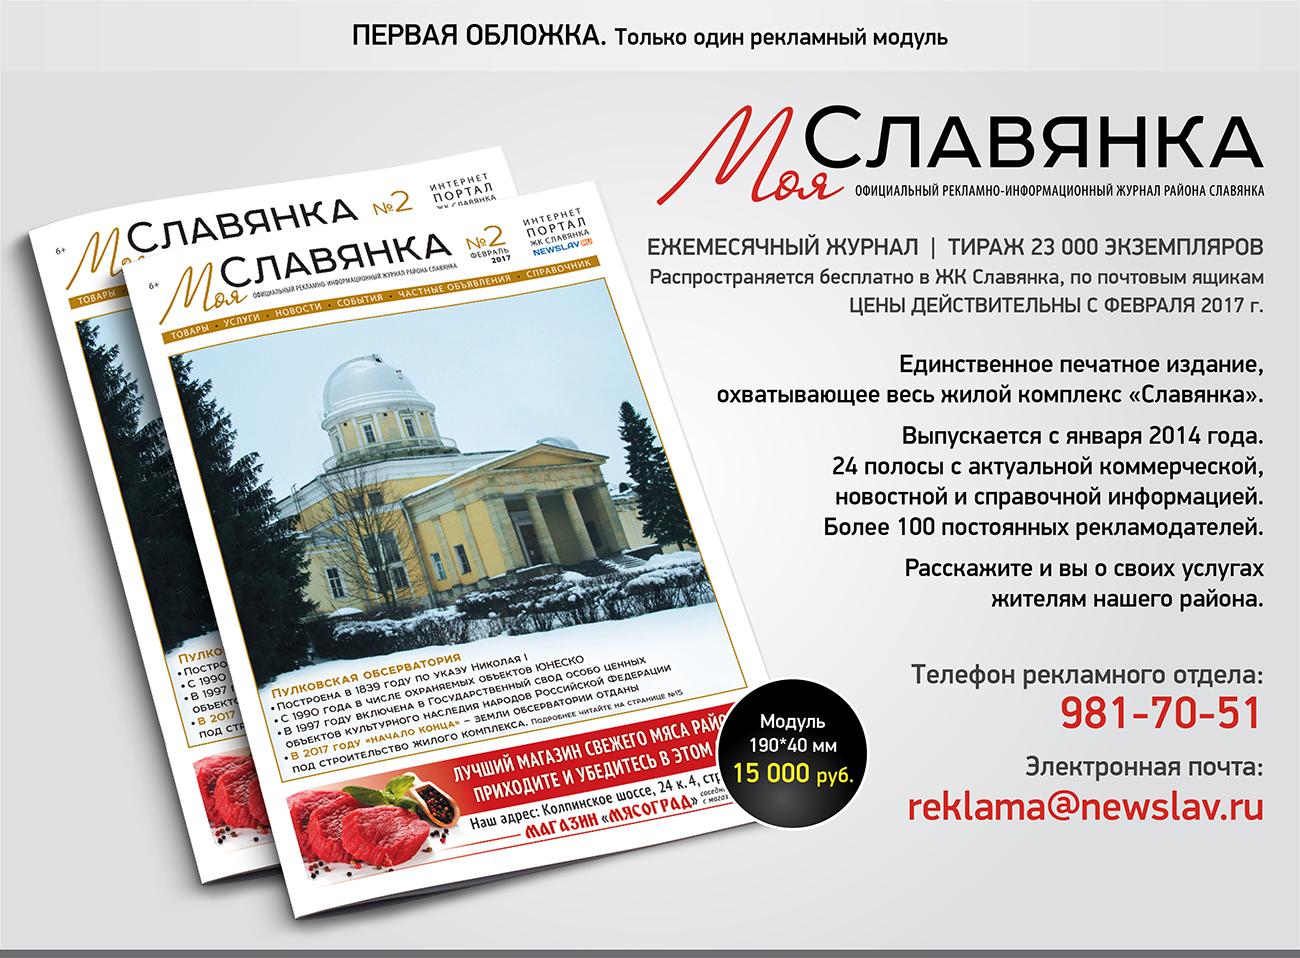 Цены на рекламу в журнале Моя Славянка, обложка